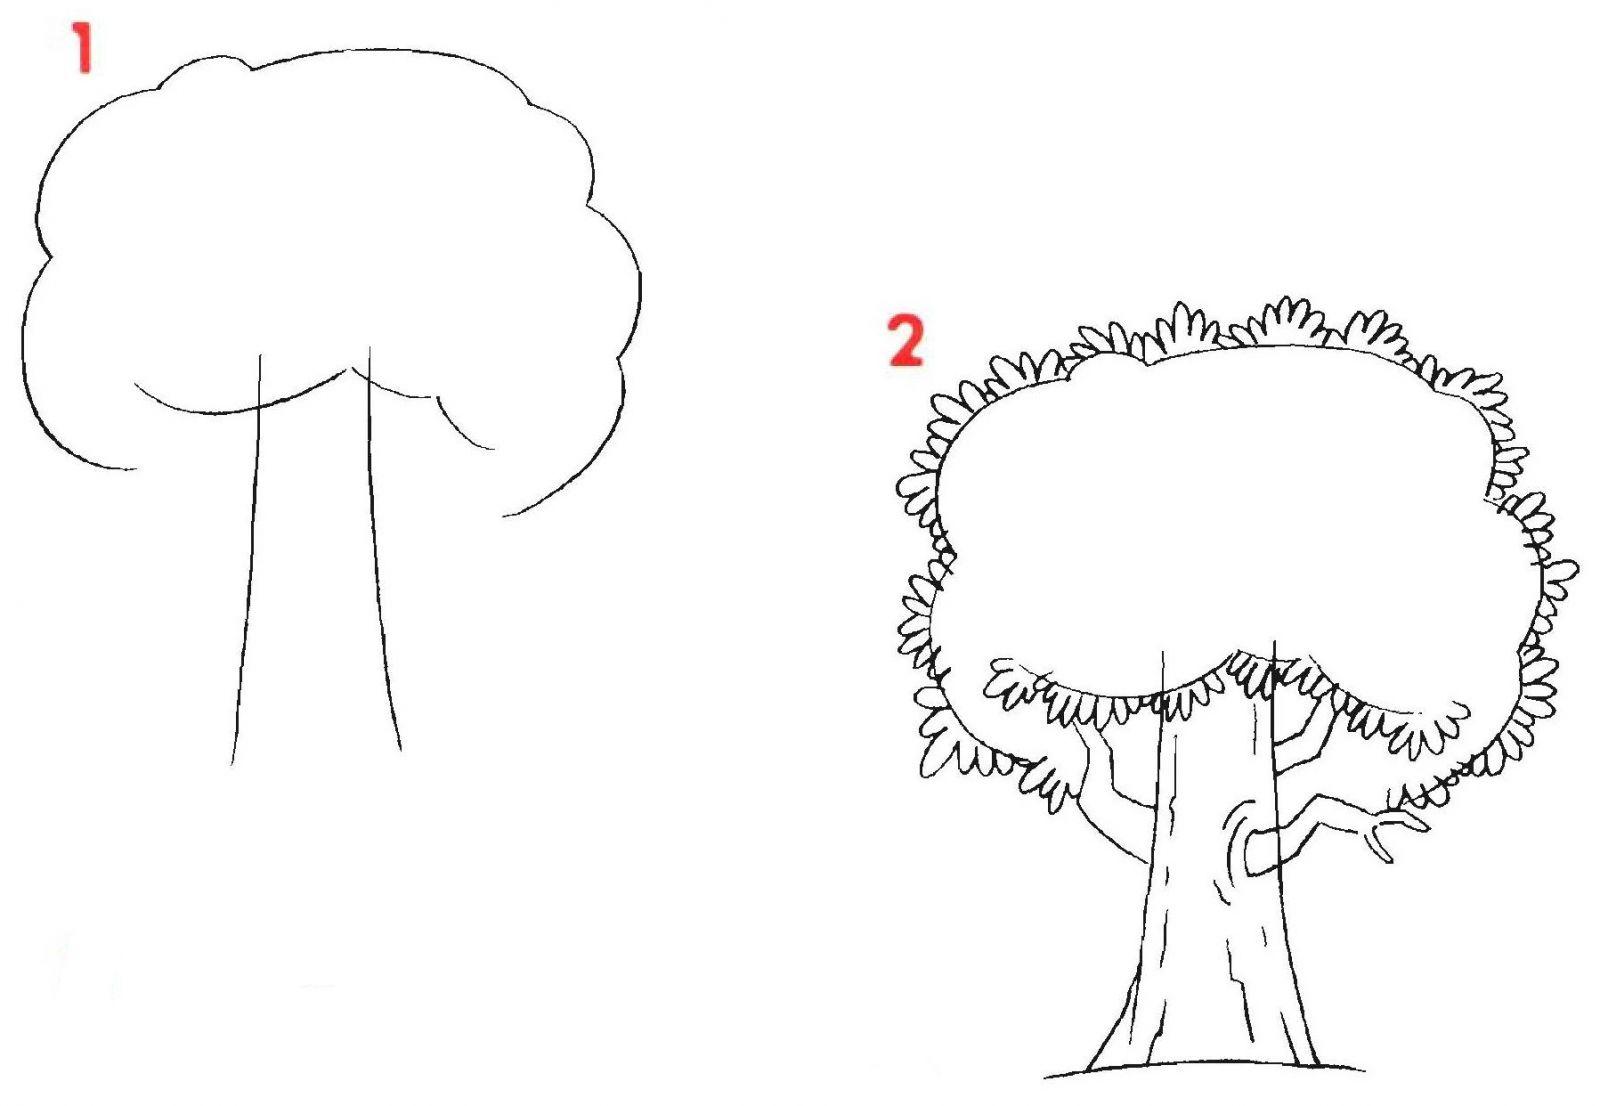 Как нарисовать древо карандашом поэтапно